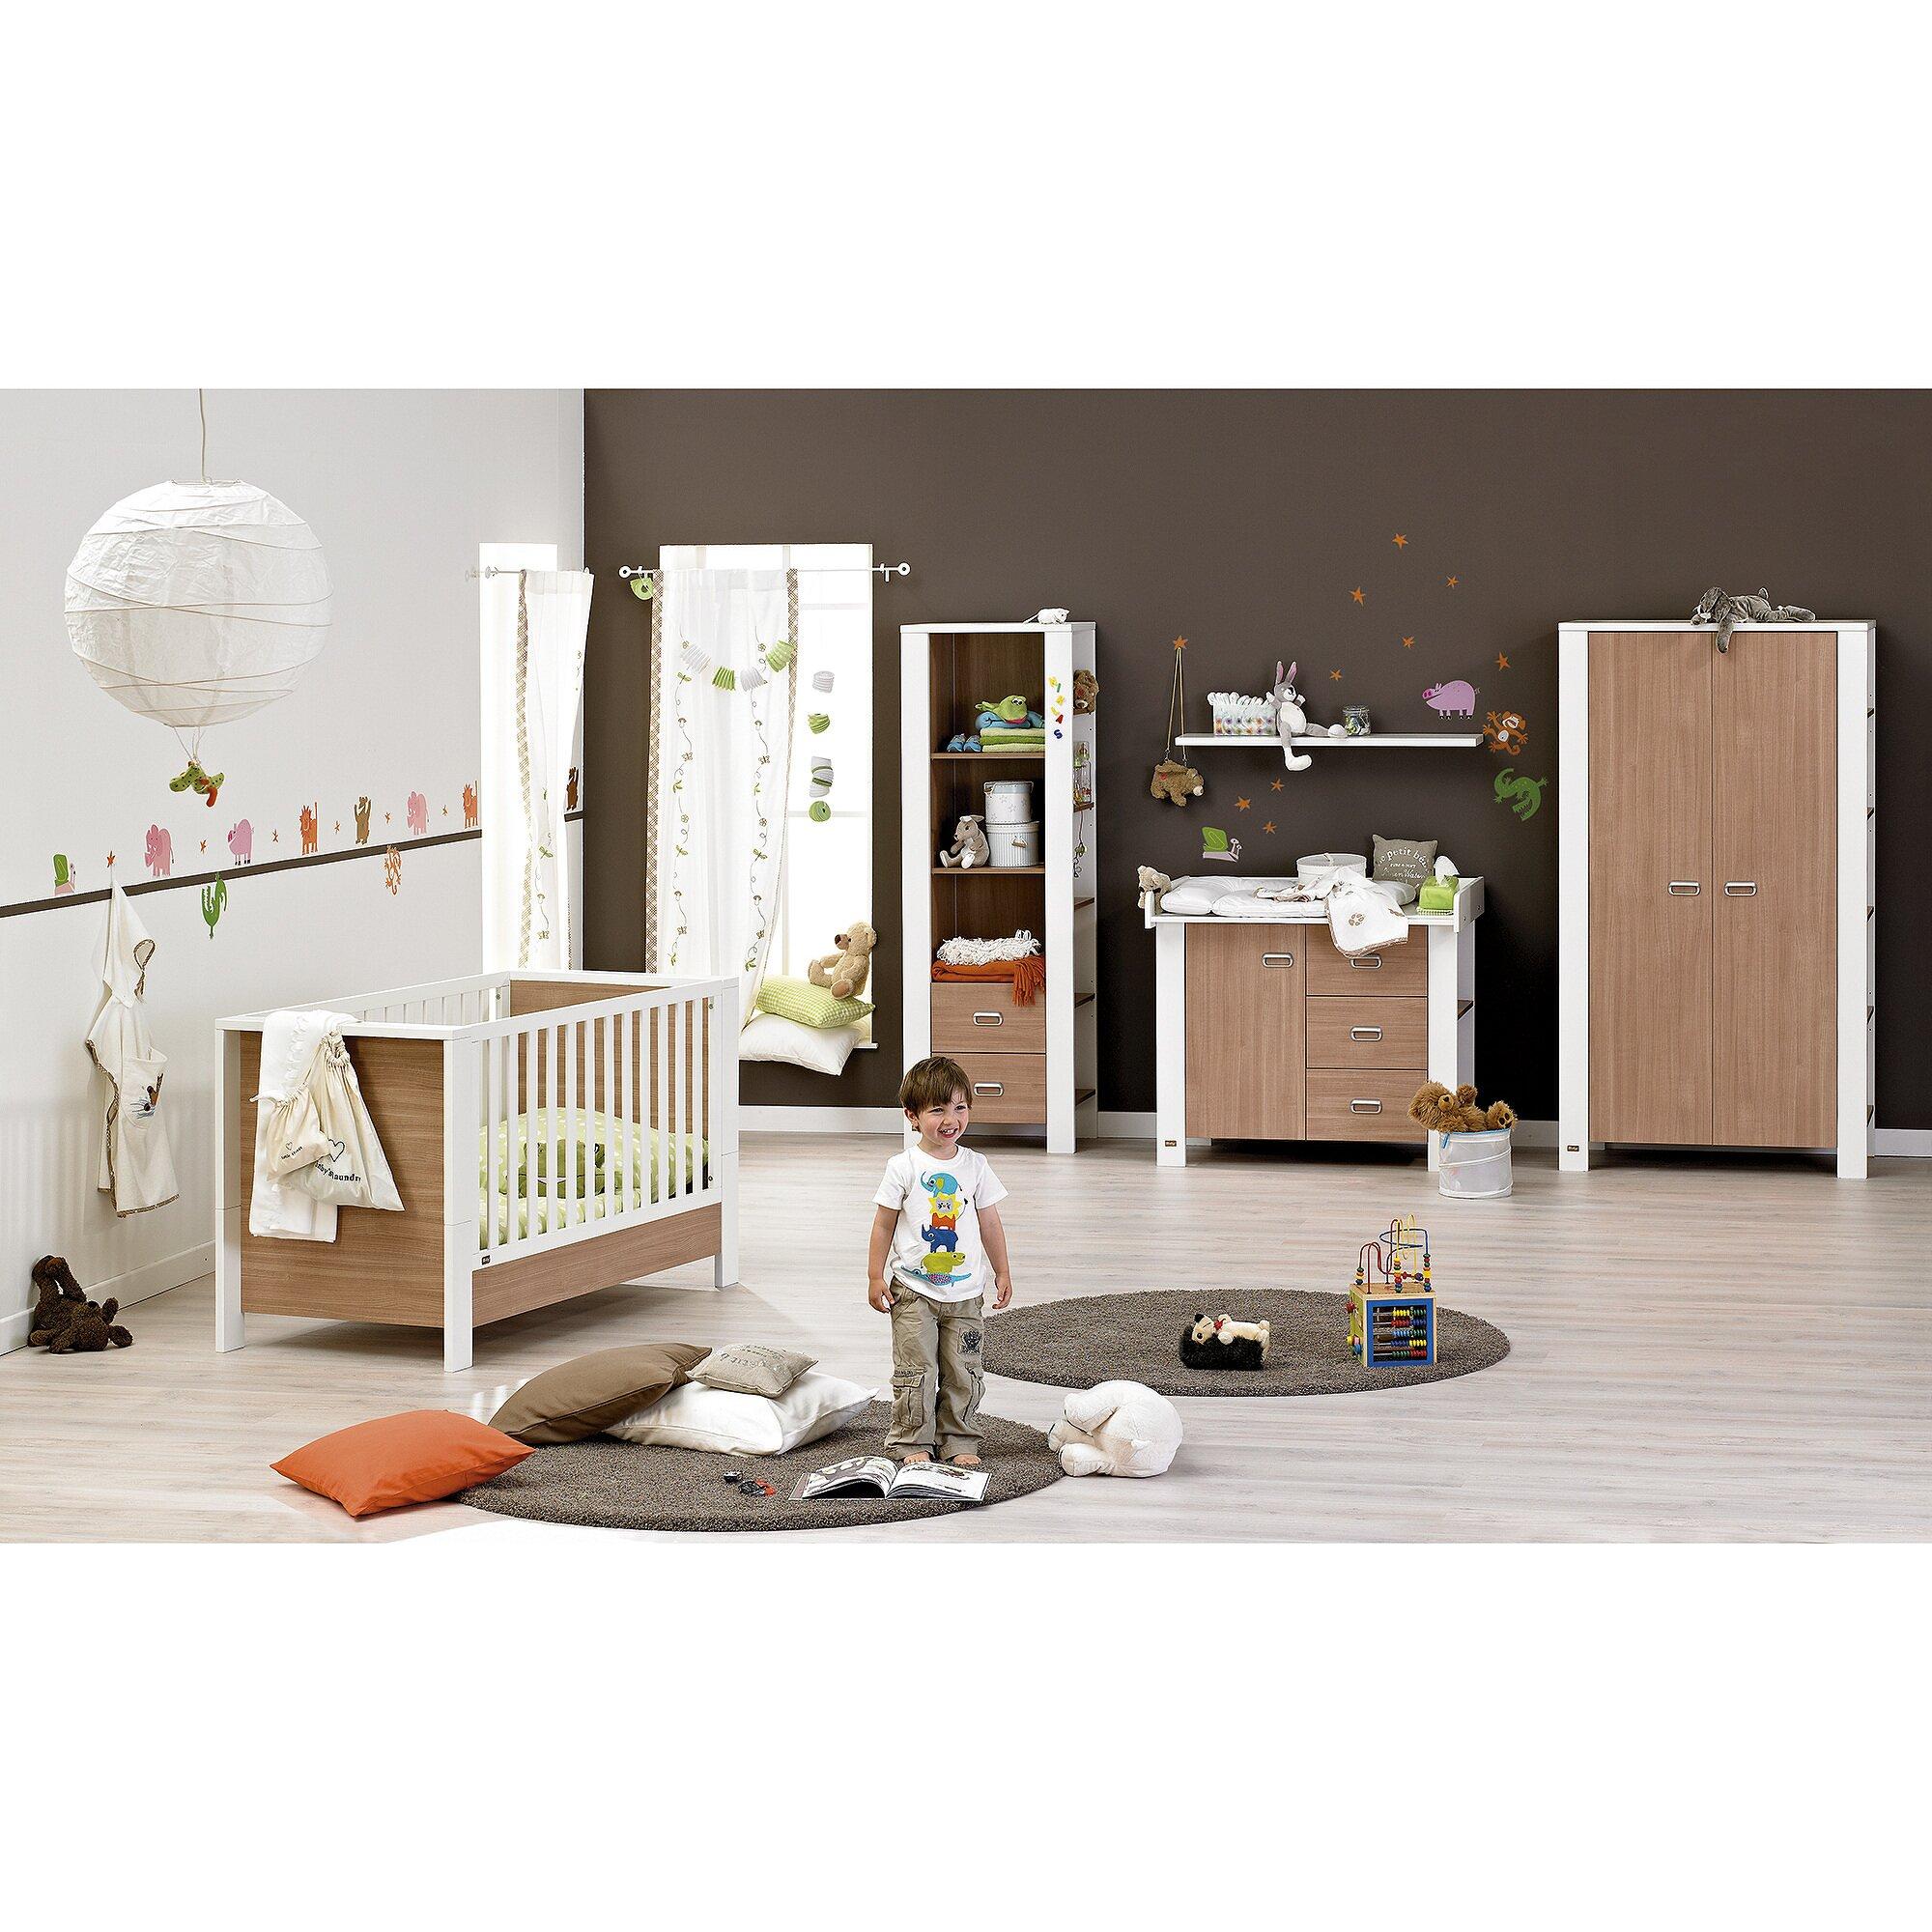 herlag-babybett-modern-70x140-cm